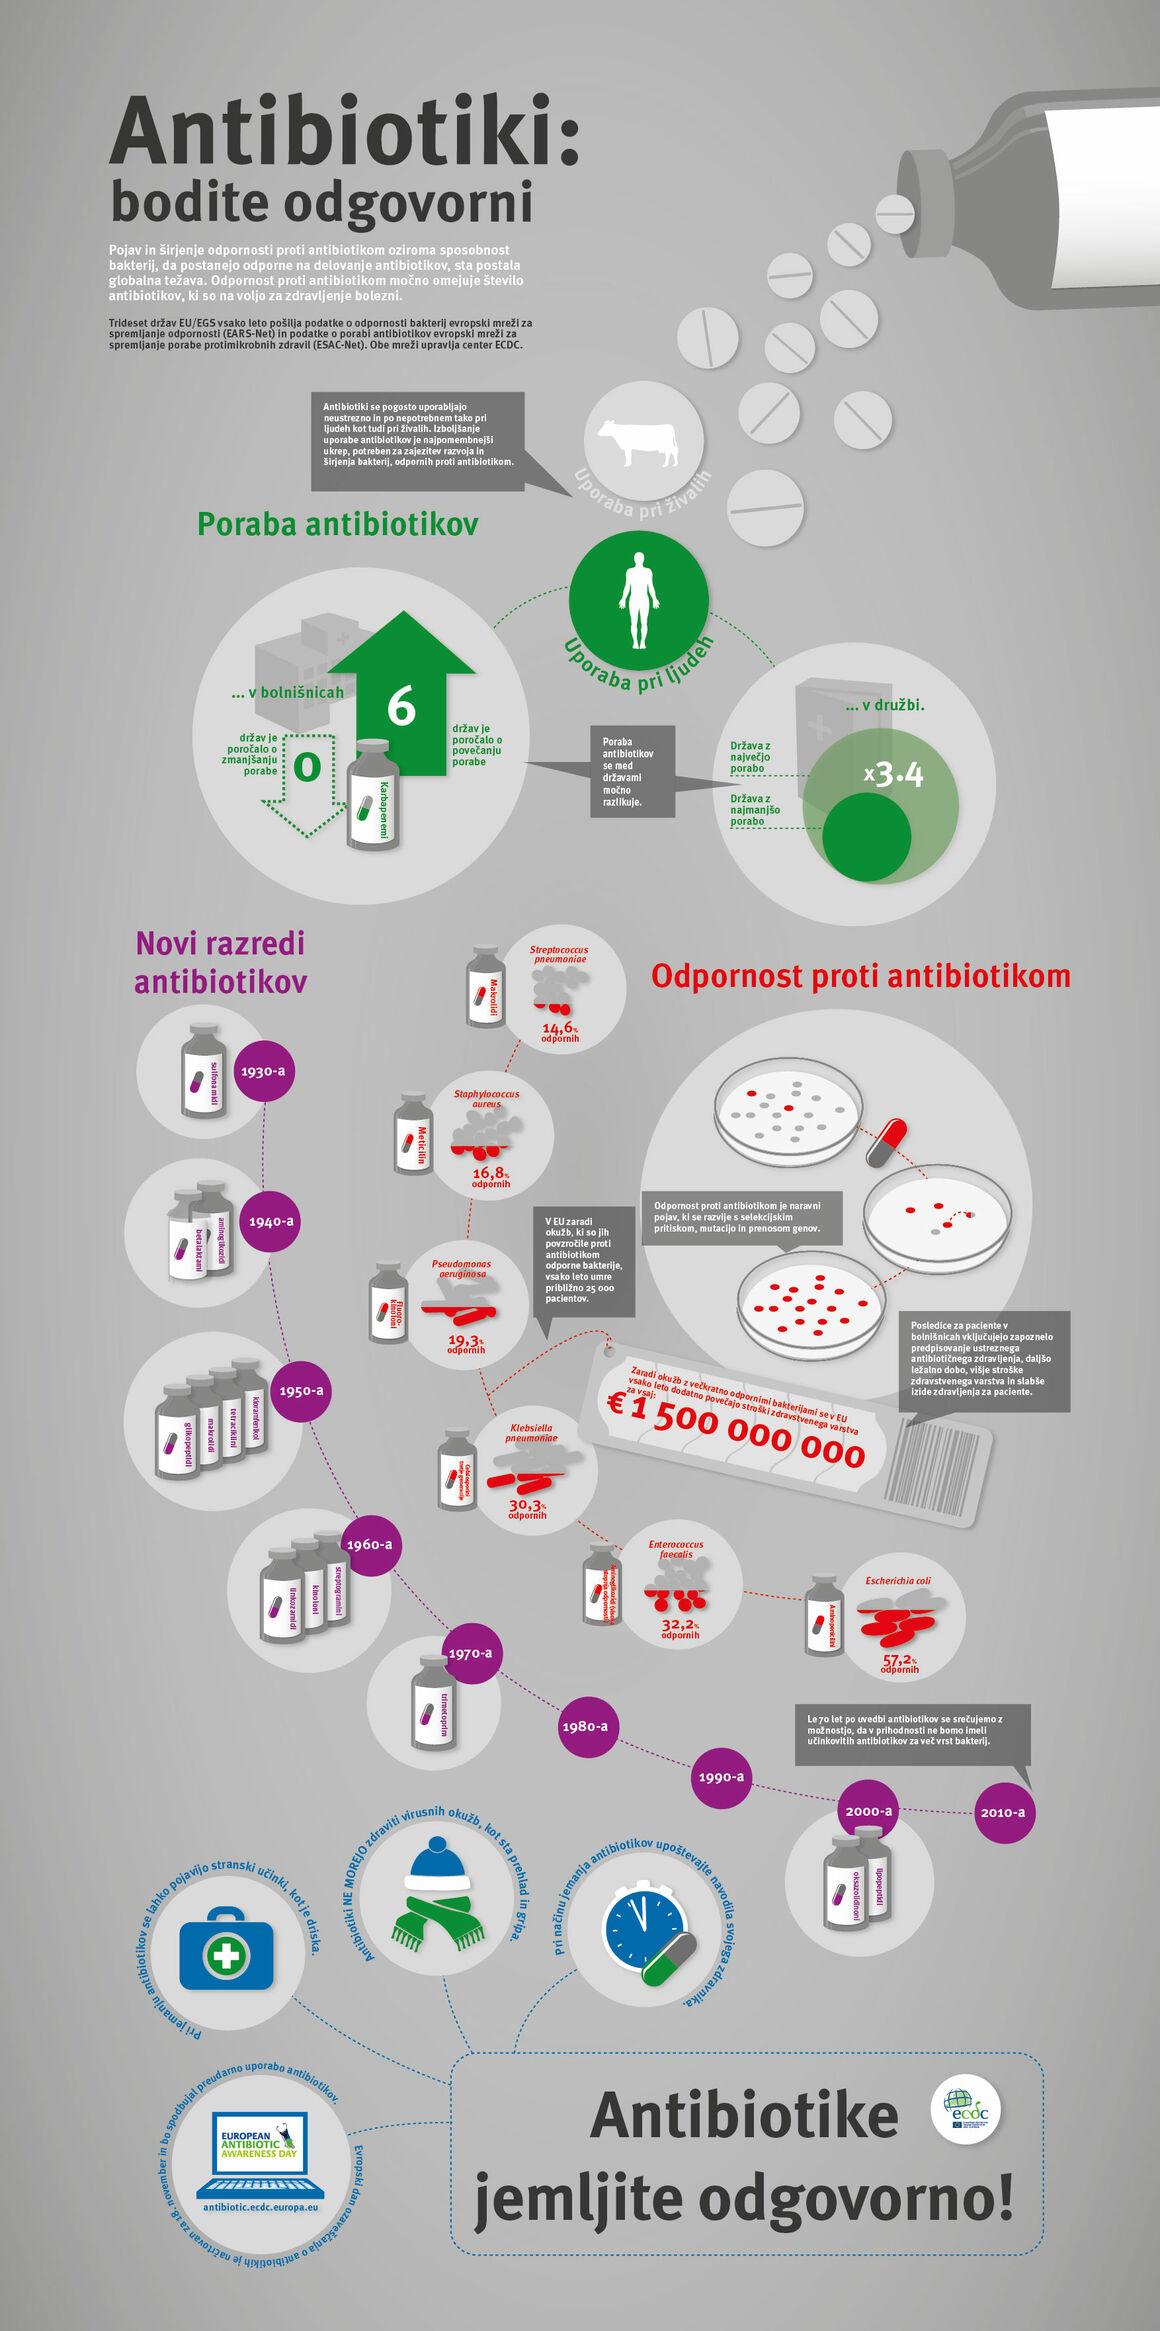 Antibiotiki: bodite odgovorni